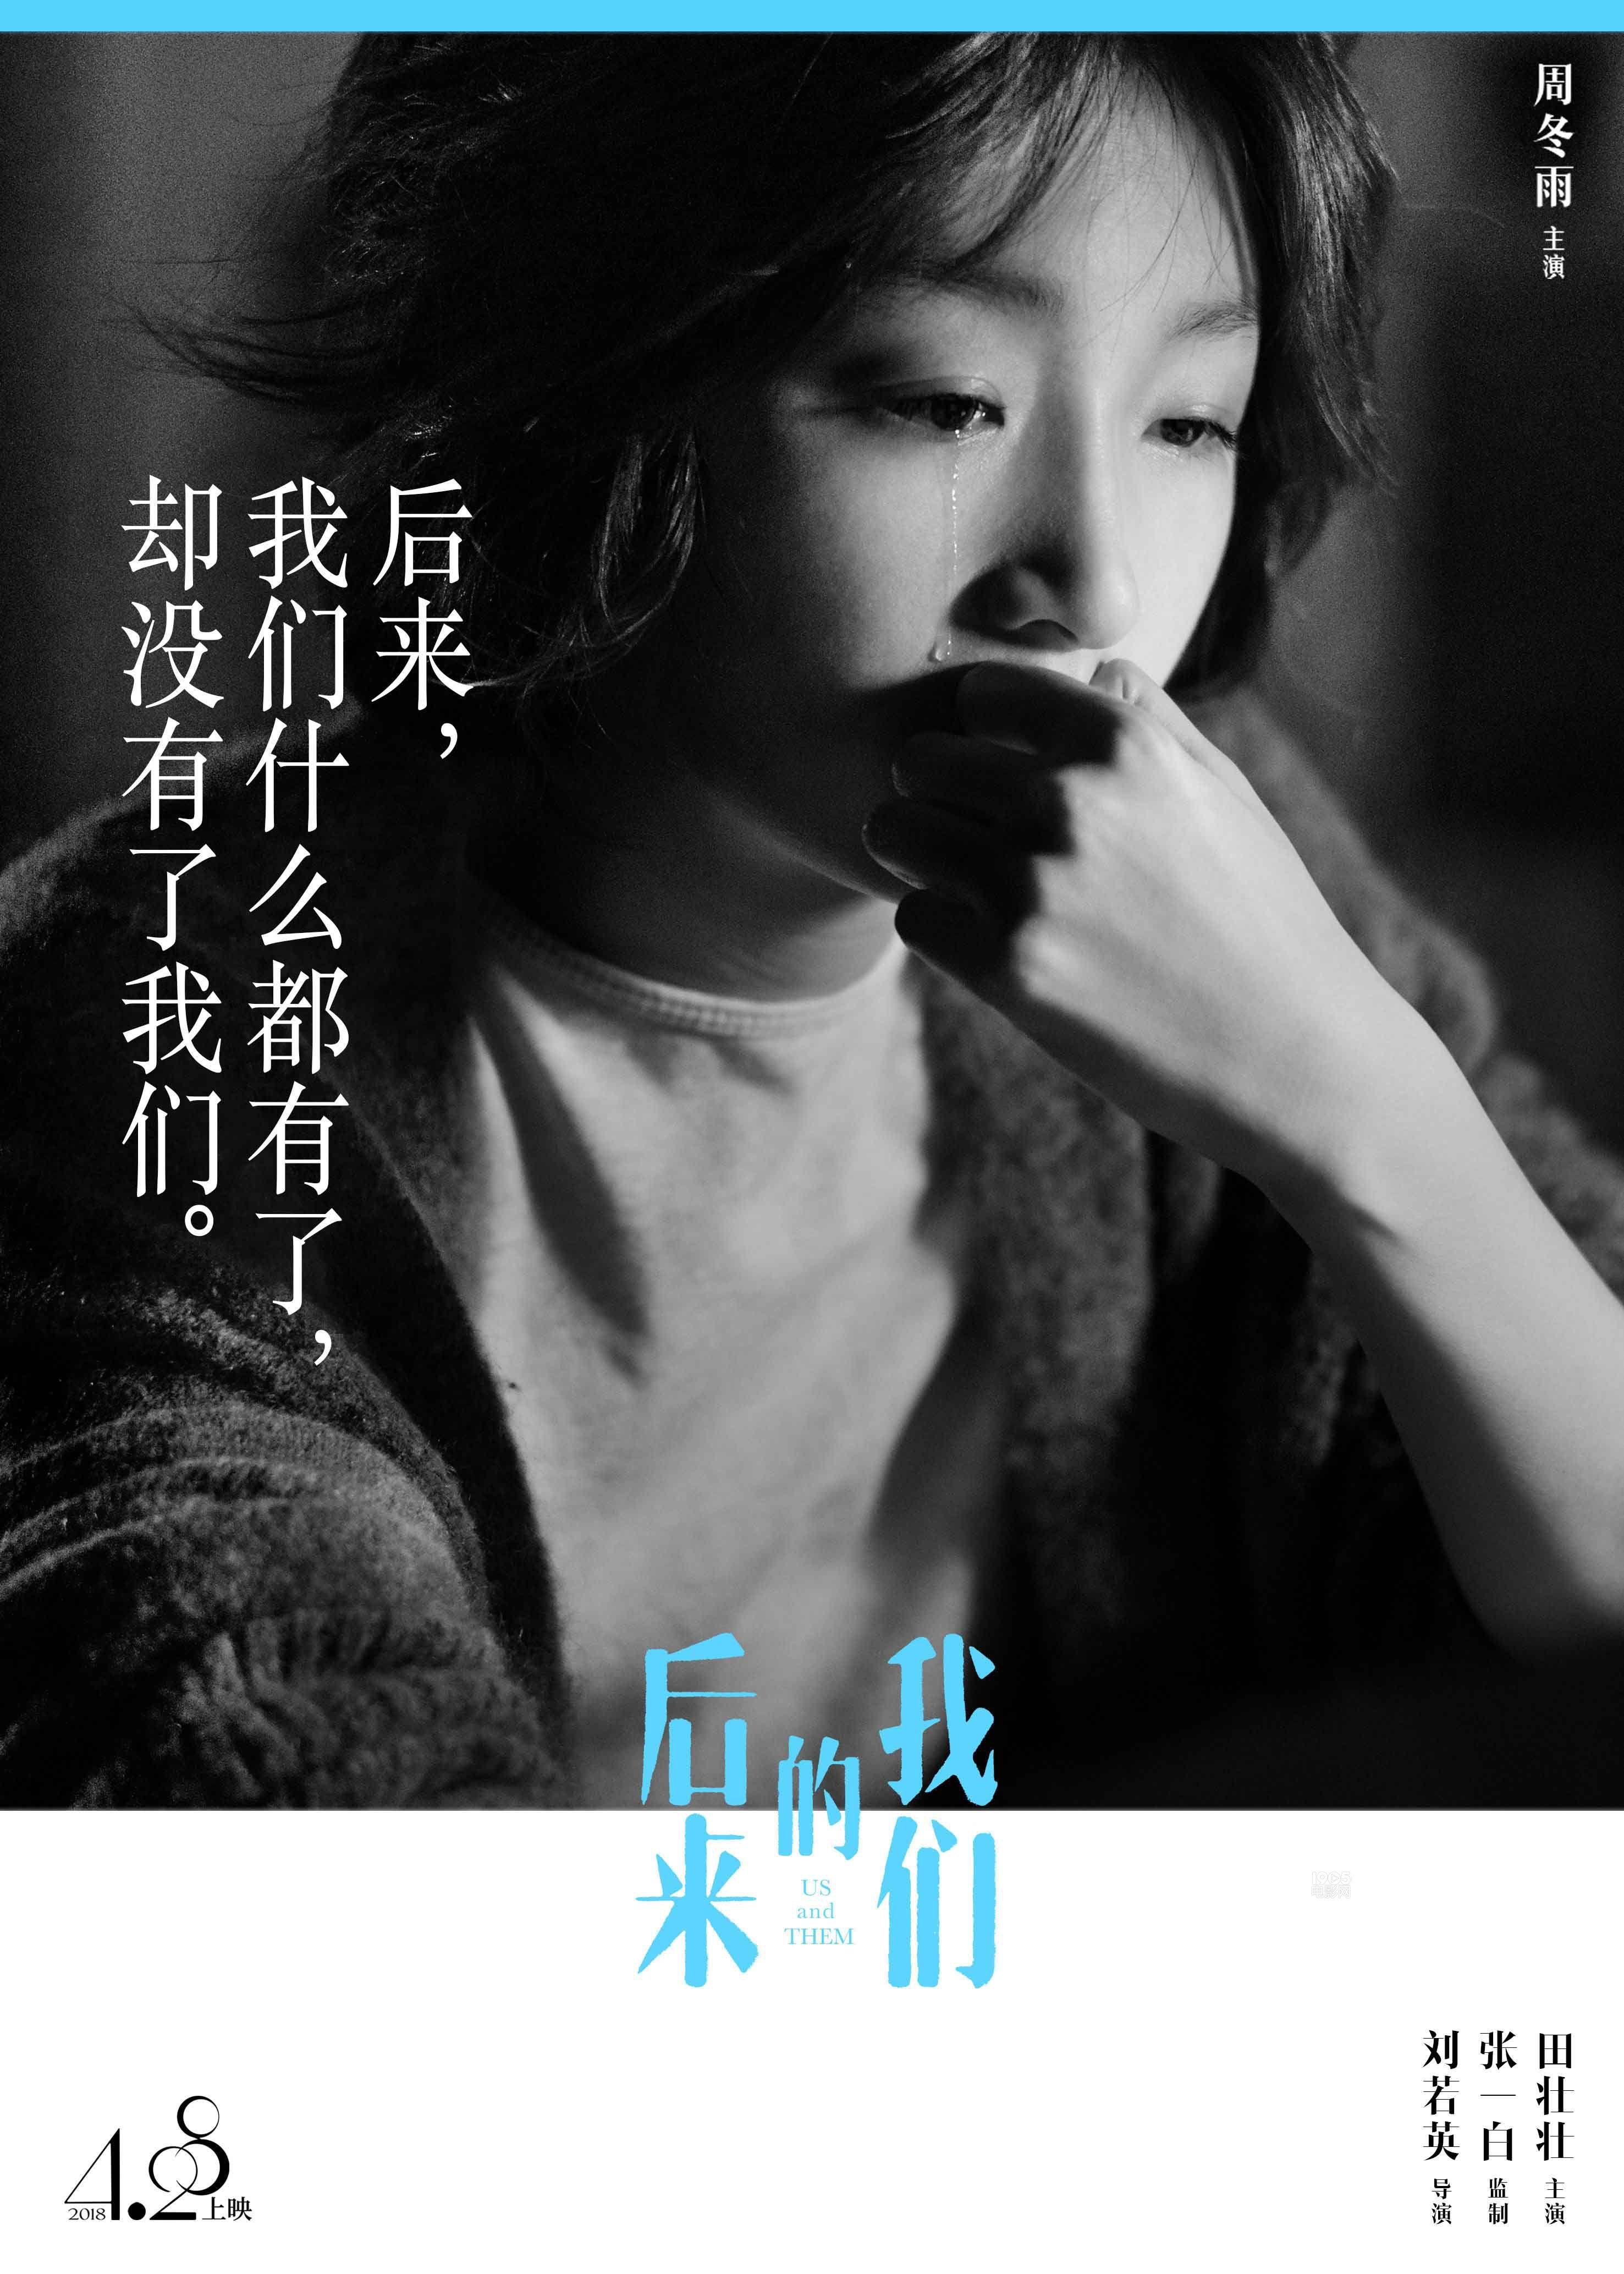 《后来的我们》曝光新海报 周冬雨演绎北漂女孩